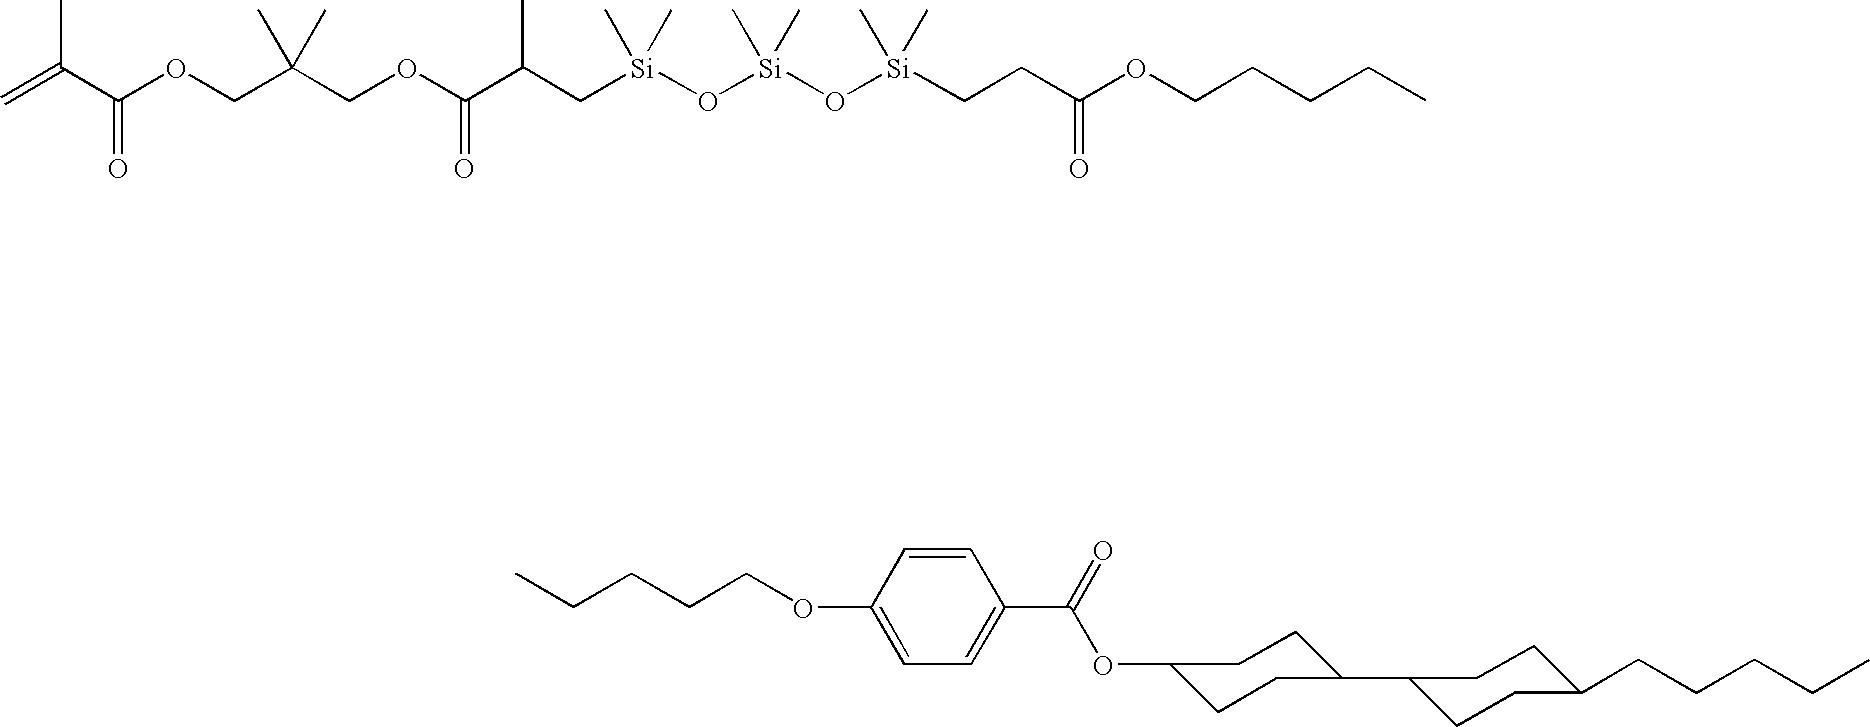 Figure US20100014010A1-20100121-C00064